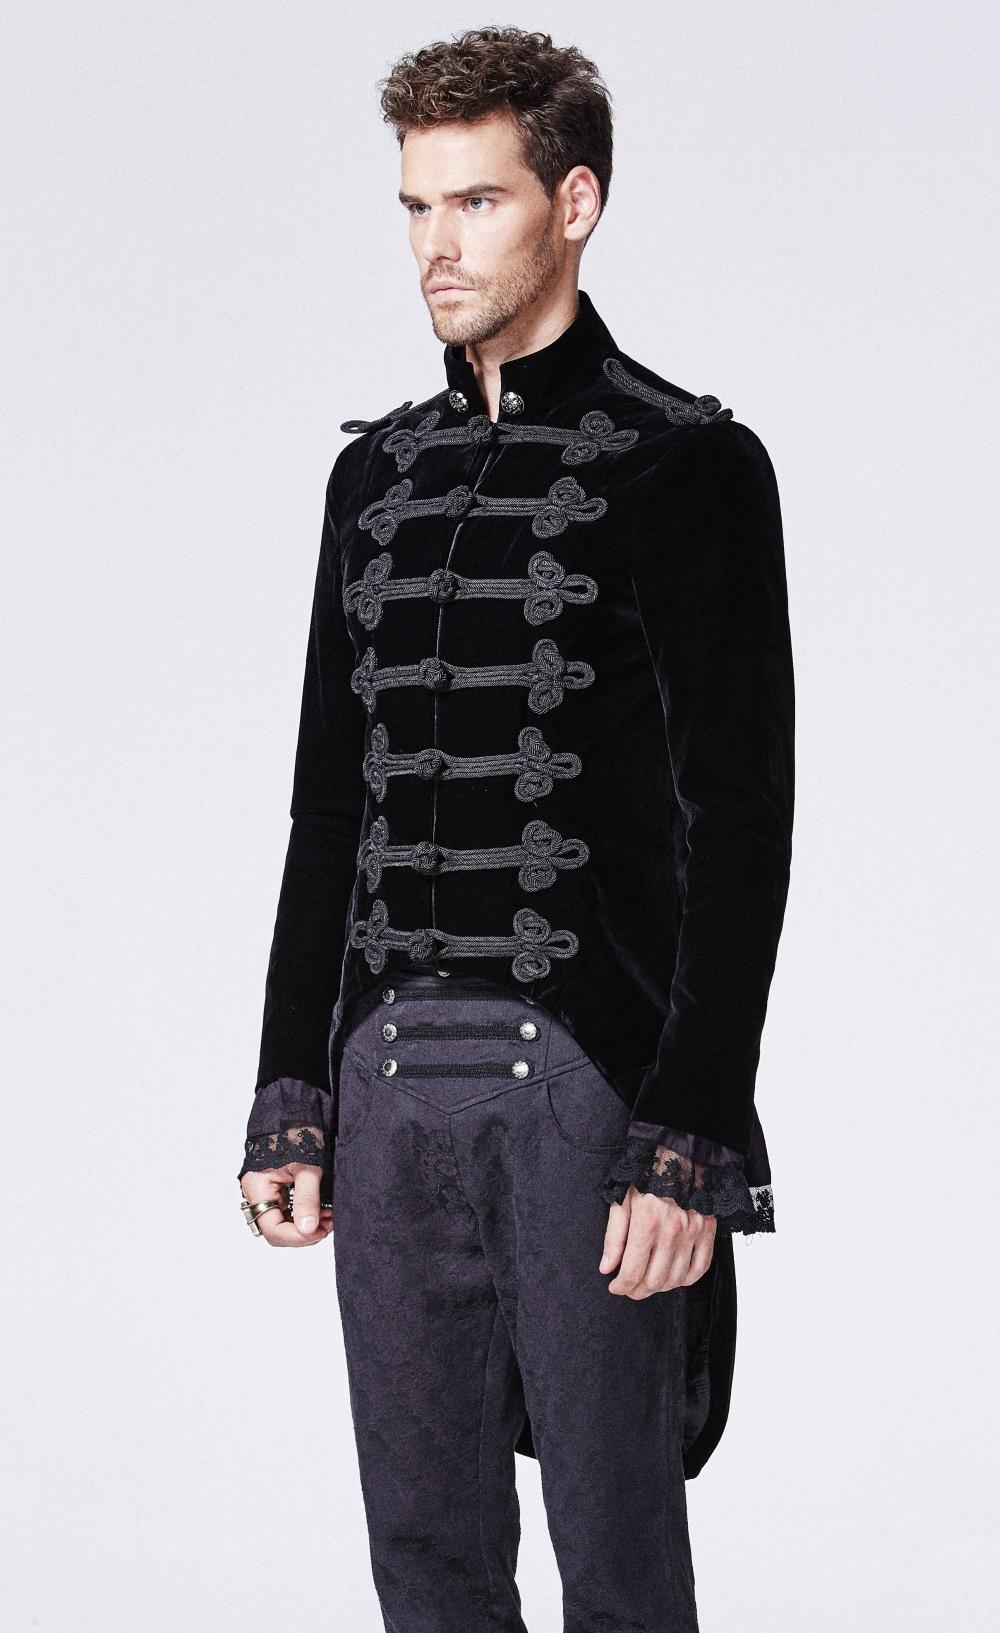 Veste gothique homme pas cher